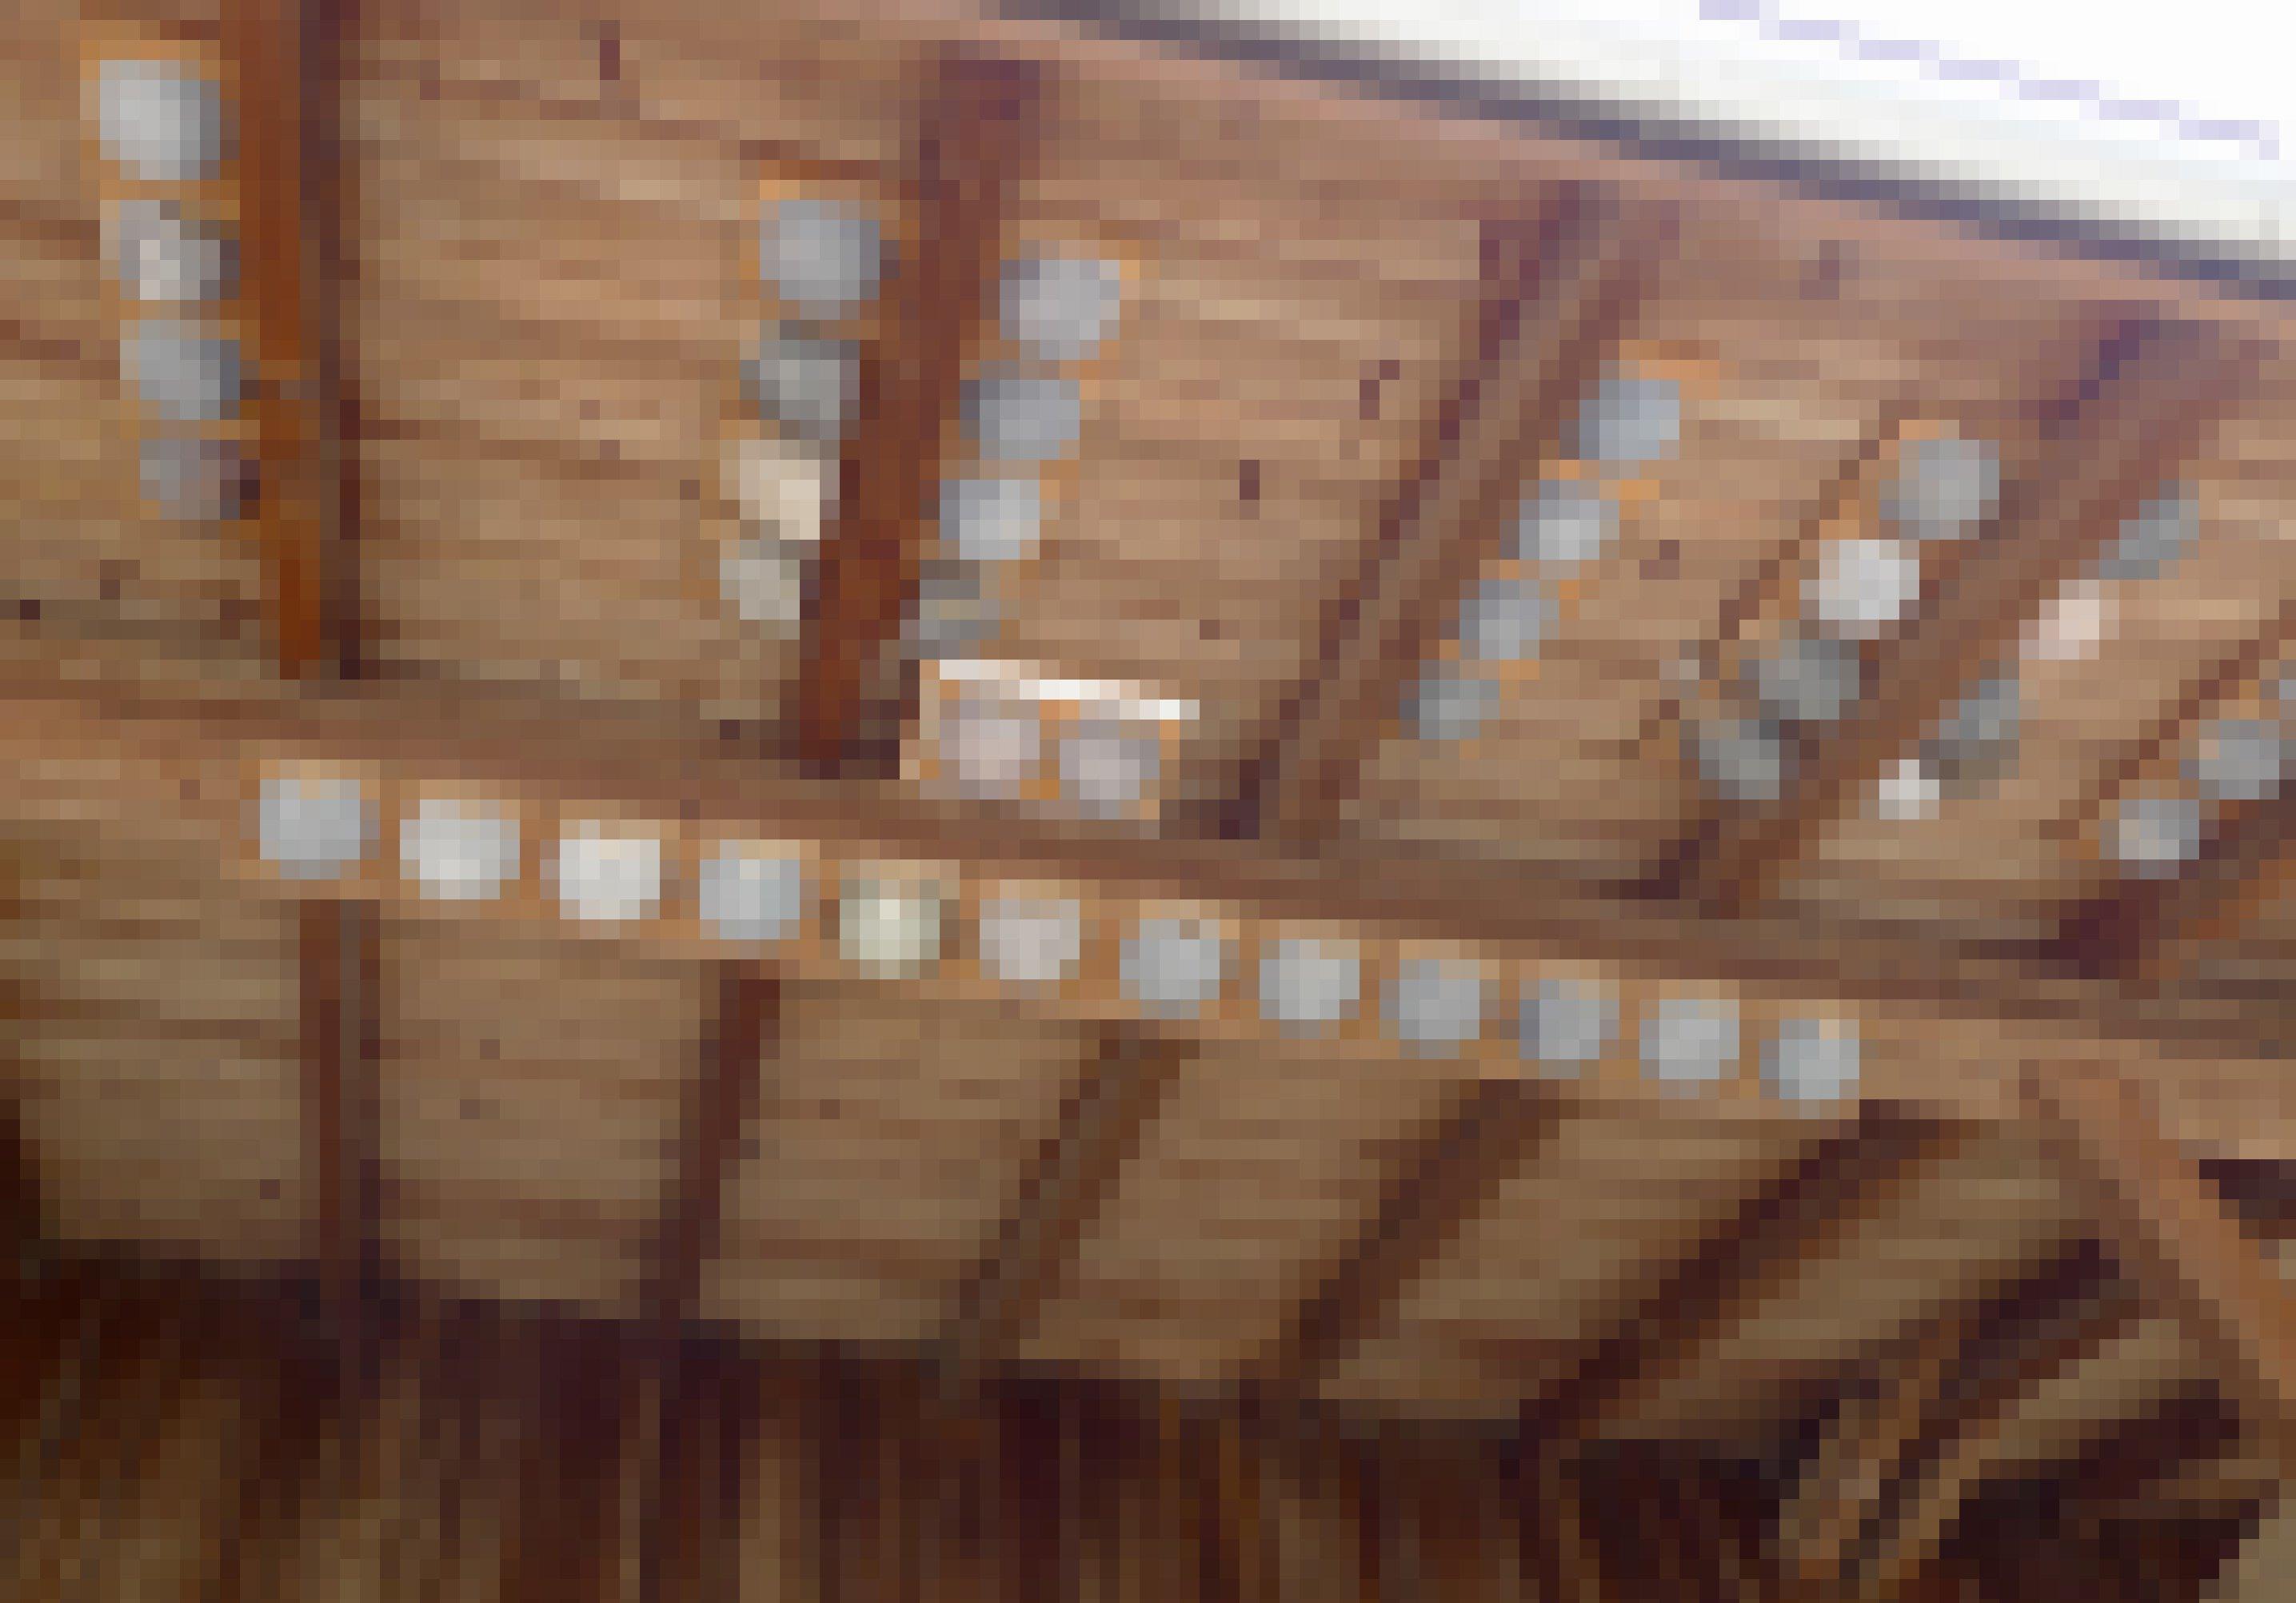 Unter dem Dachfirst des Stalls auf dem Hof von Andreas Aebi sind viele künstliche Mehlschwalbennester angebracht.